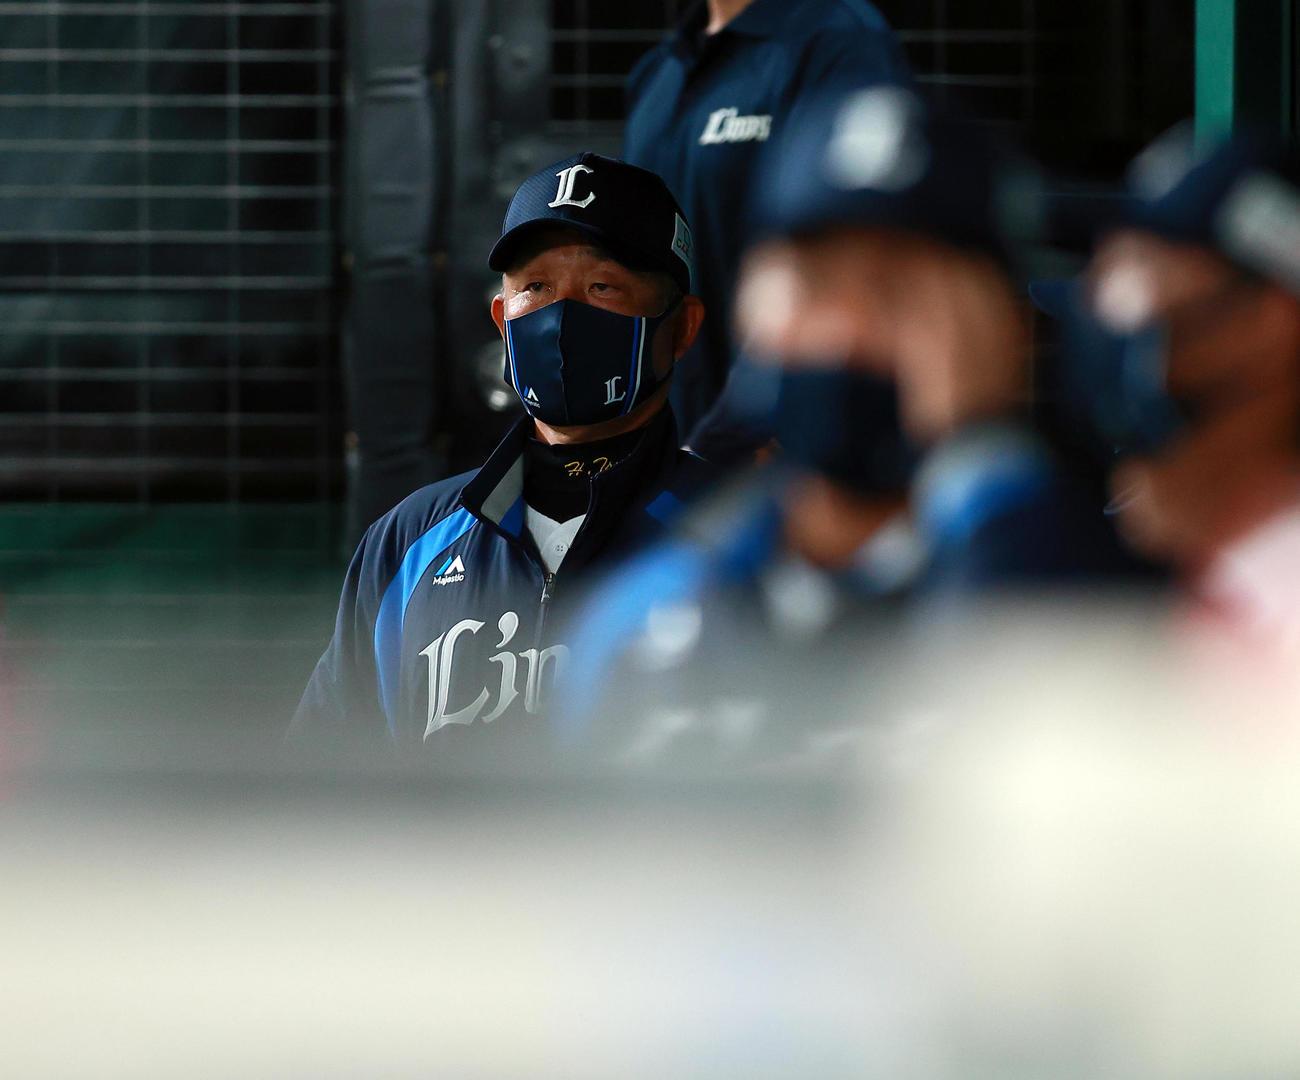 西武対日本ハム 6回表日本ハムに勝ち越しを許し、ベンチでぼう然とスコアを見つめる西武辻監督(撮影・浅見桂子)